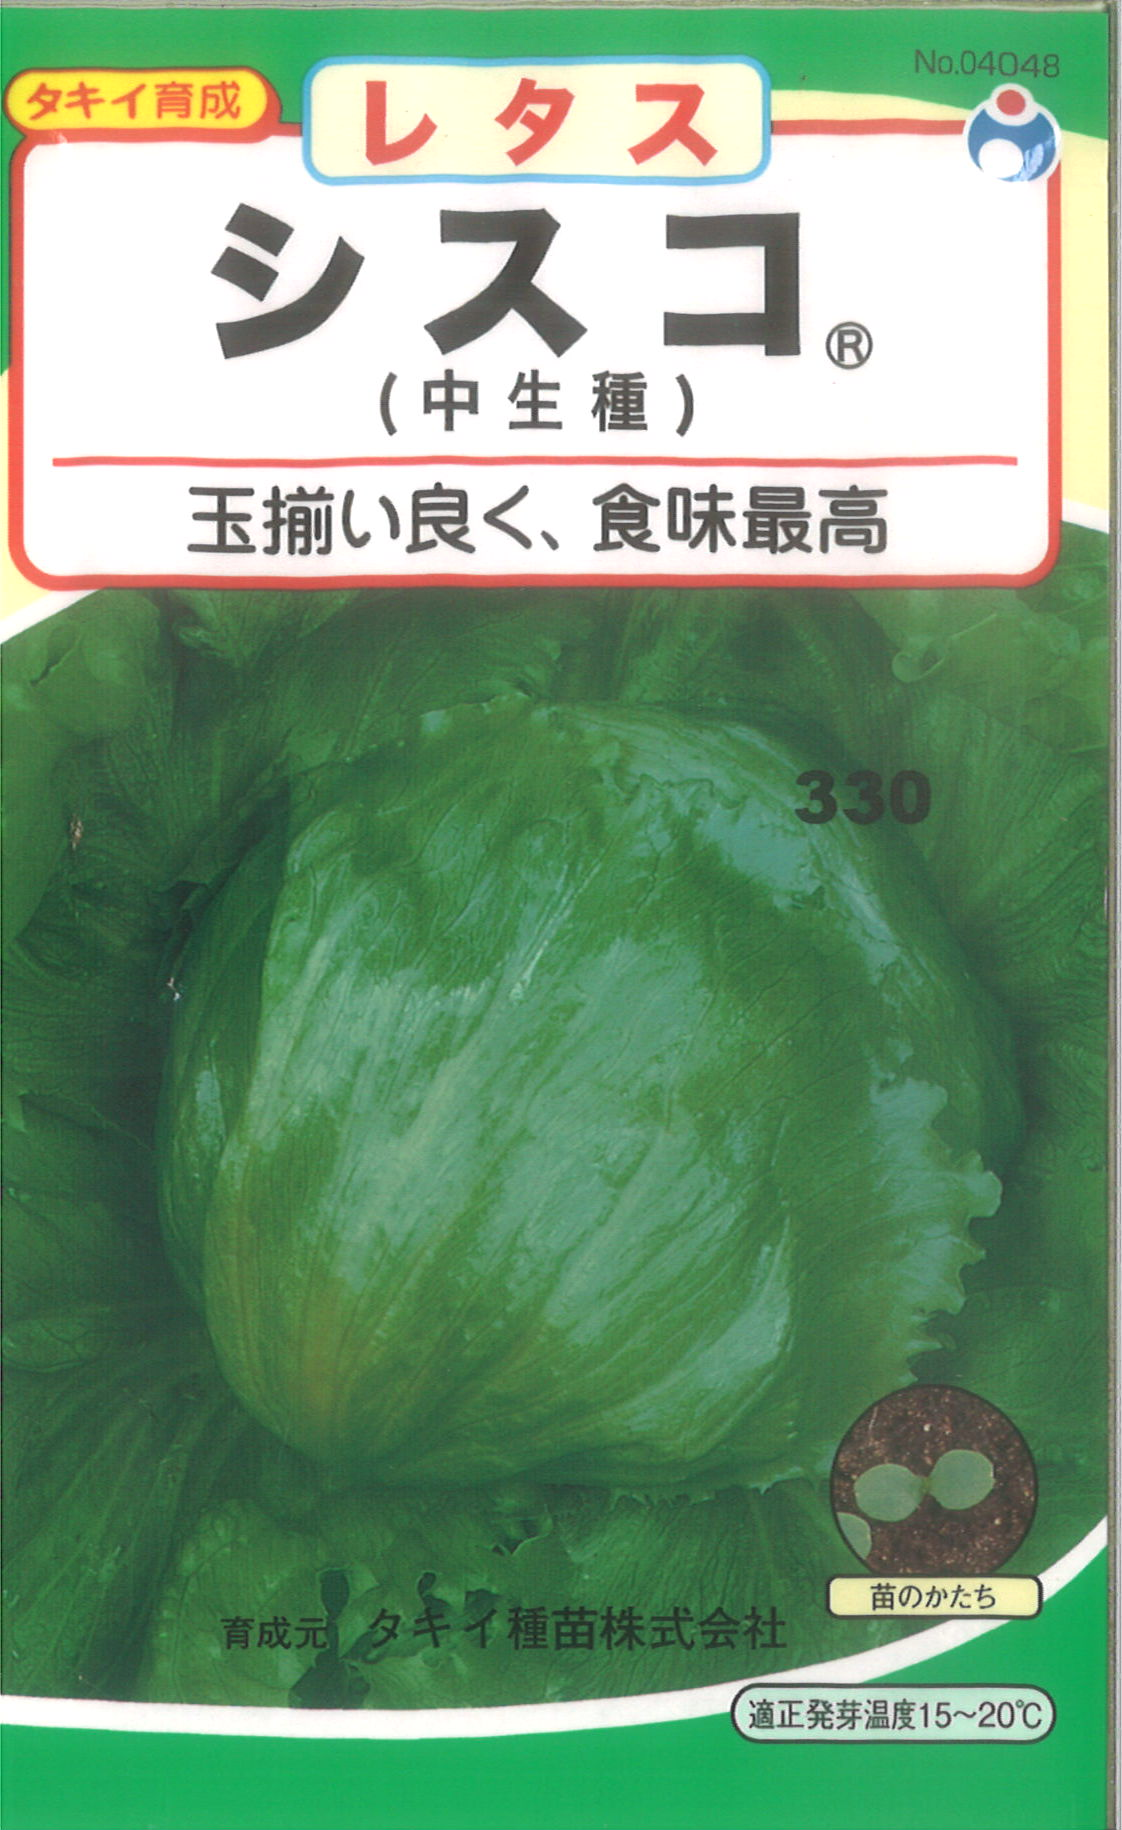 ≪代引不可≫≪5袋まで送料80円≫ □レタスシスコ 中生種